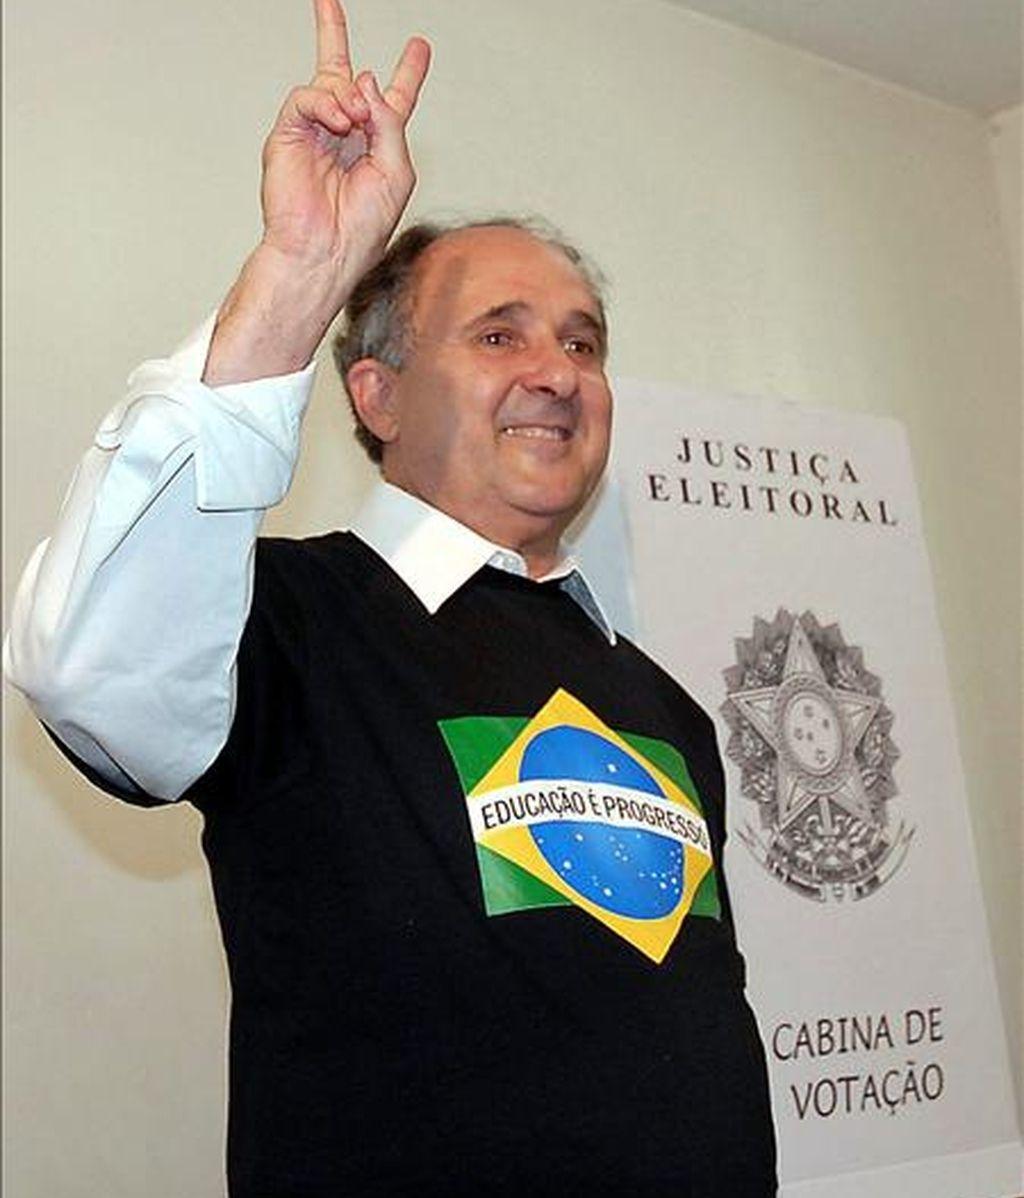 El asunto ha llegado a la Cámara Alta, donde el senador y ex ministro de Educación Cristovam Buarque (en la imagen), del Partido Democrático Laborista (PDT, sigla en portugués), ha organizado ya un debate sobre la propuesta. EFE/Archivo